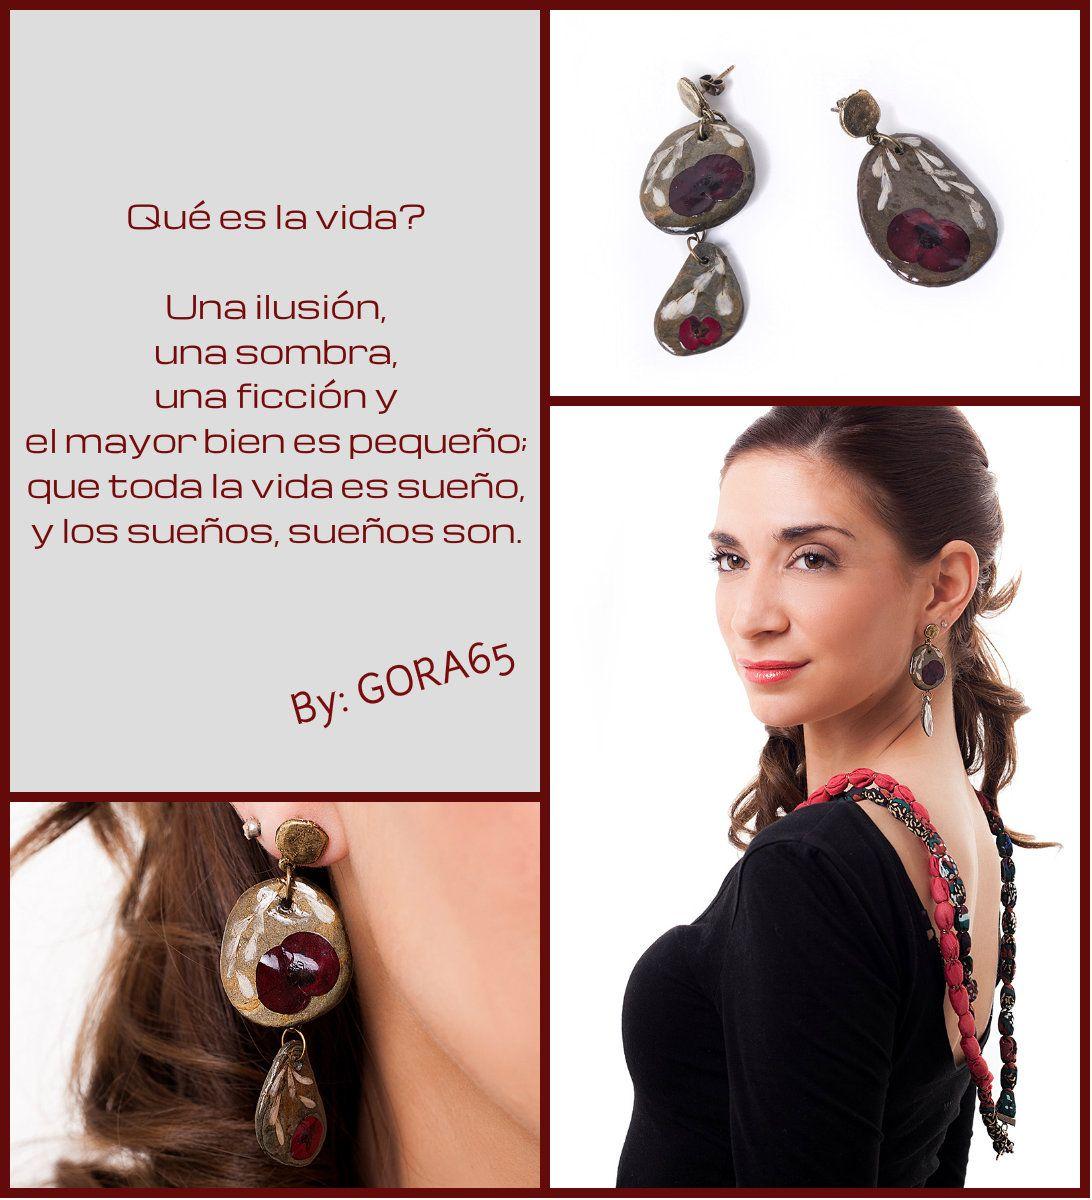 Pequeña y especial joya inspirada en el poema de Pedro Calderón de la Barca. conoce más sobre esta pieza en: http://virtualmodelshop.es/tienda/sonos-ceibos-pendientes/